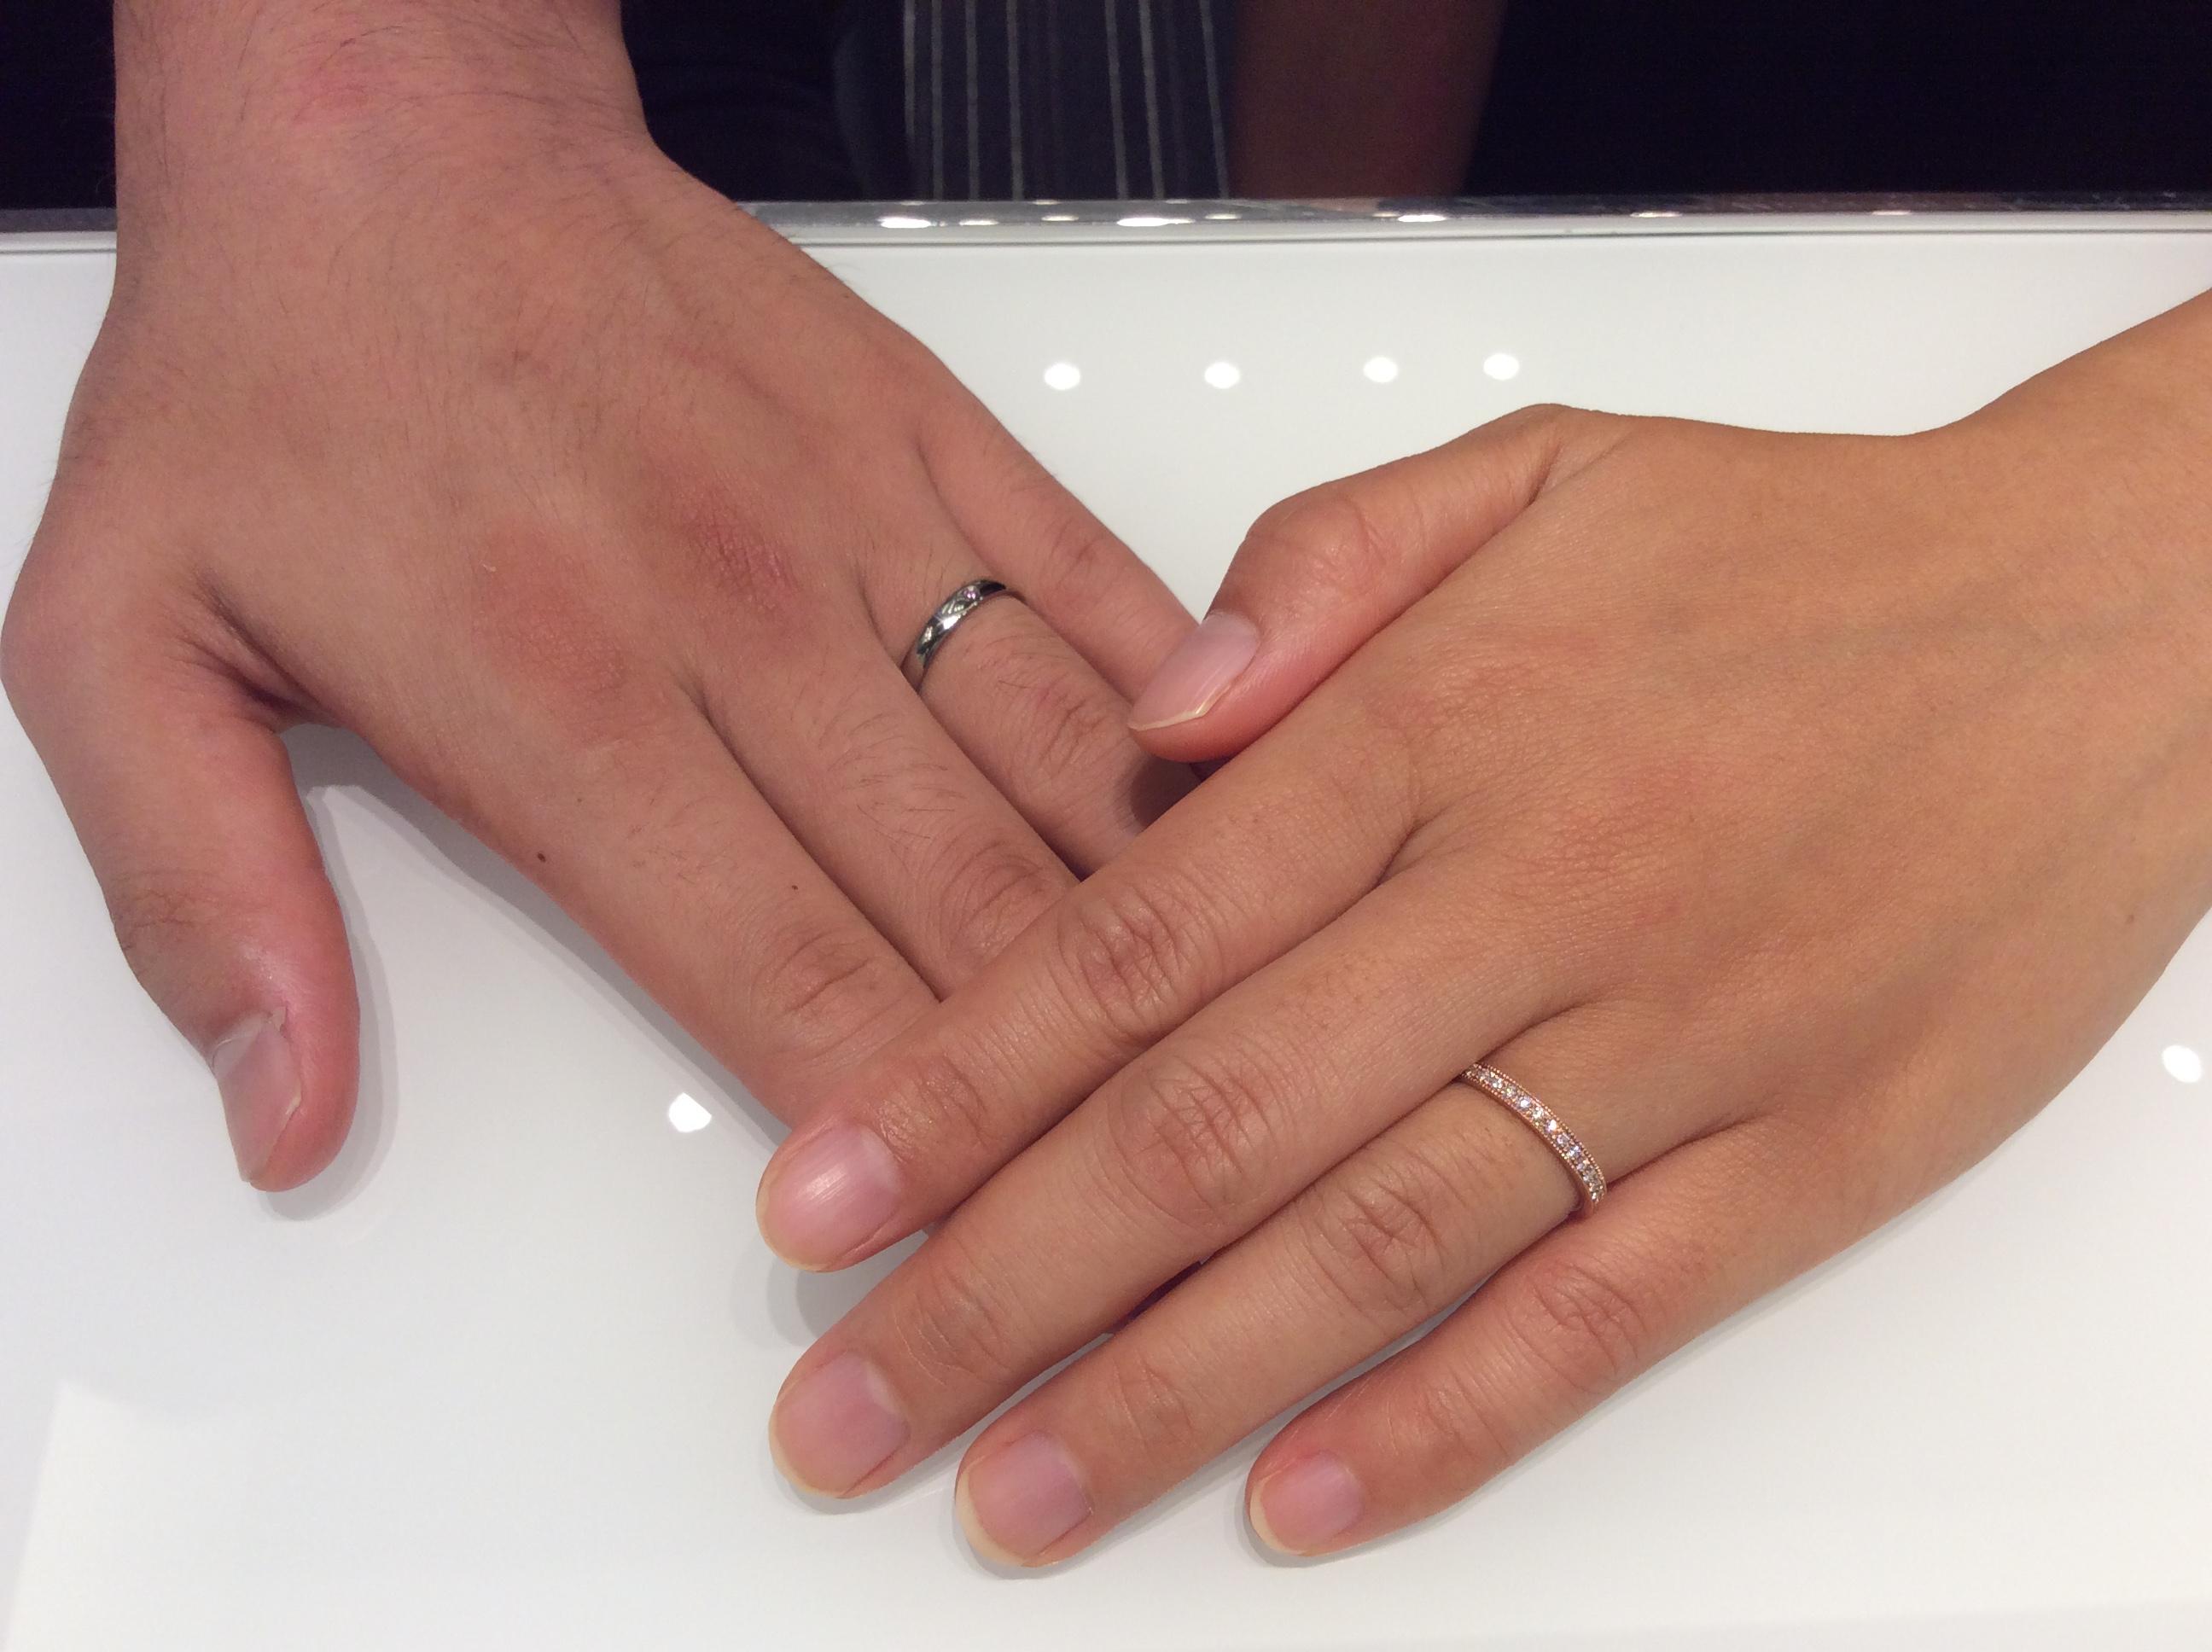 俄の結婚指輪「ことほぎ」&ルシエの結婚指輪「パルファン」(新潟市/M様ご夫婦)